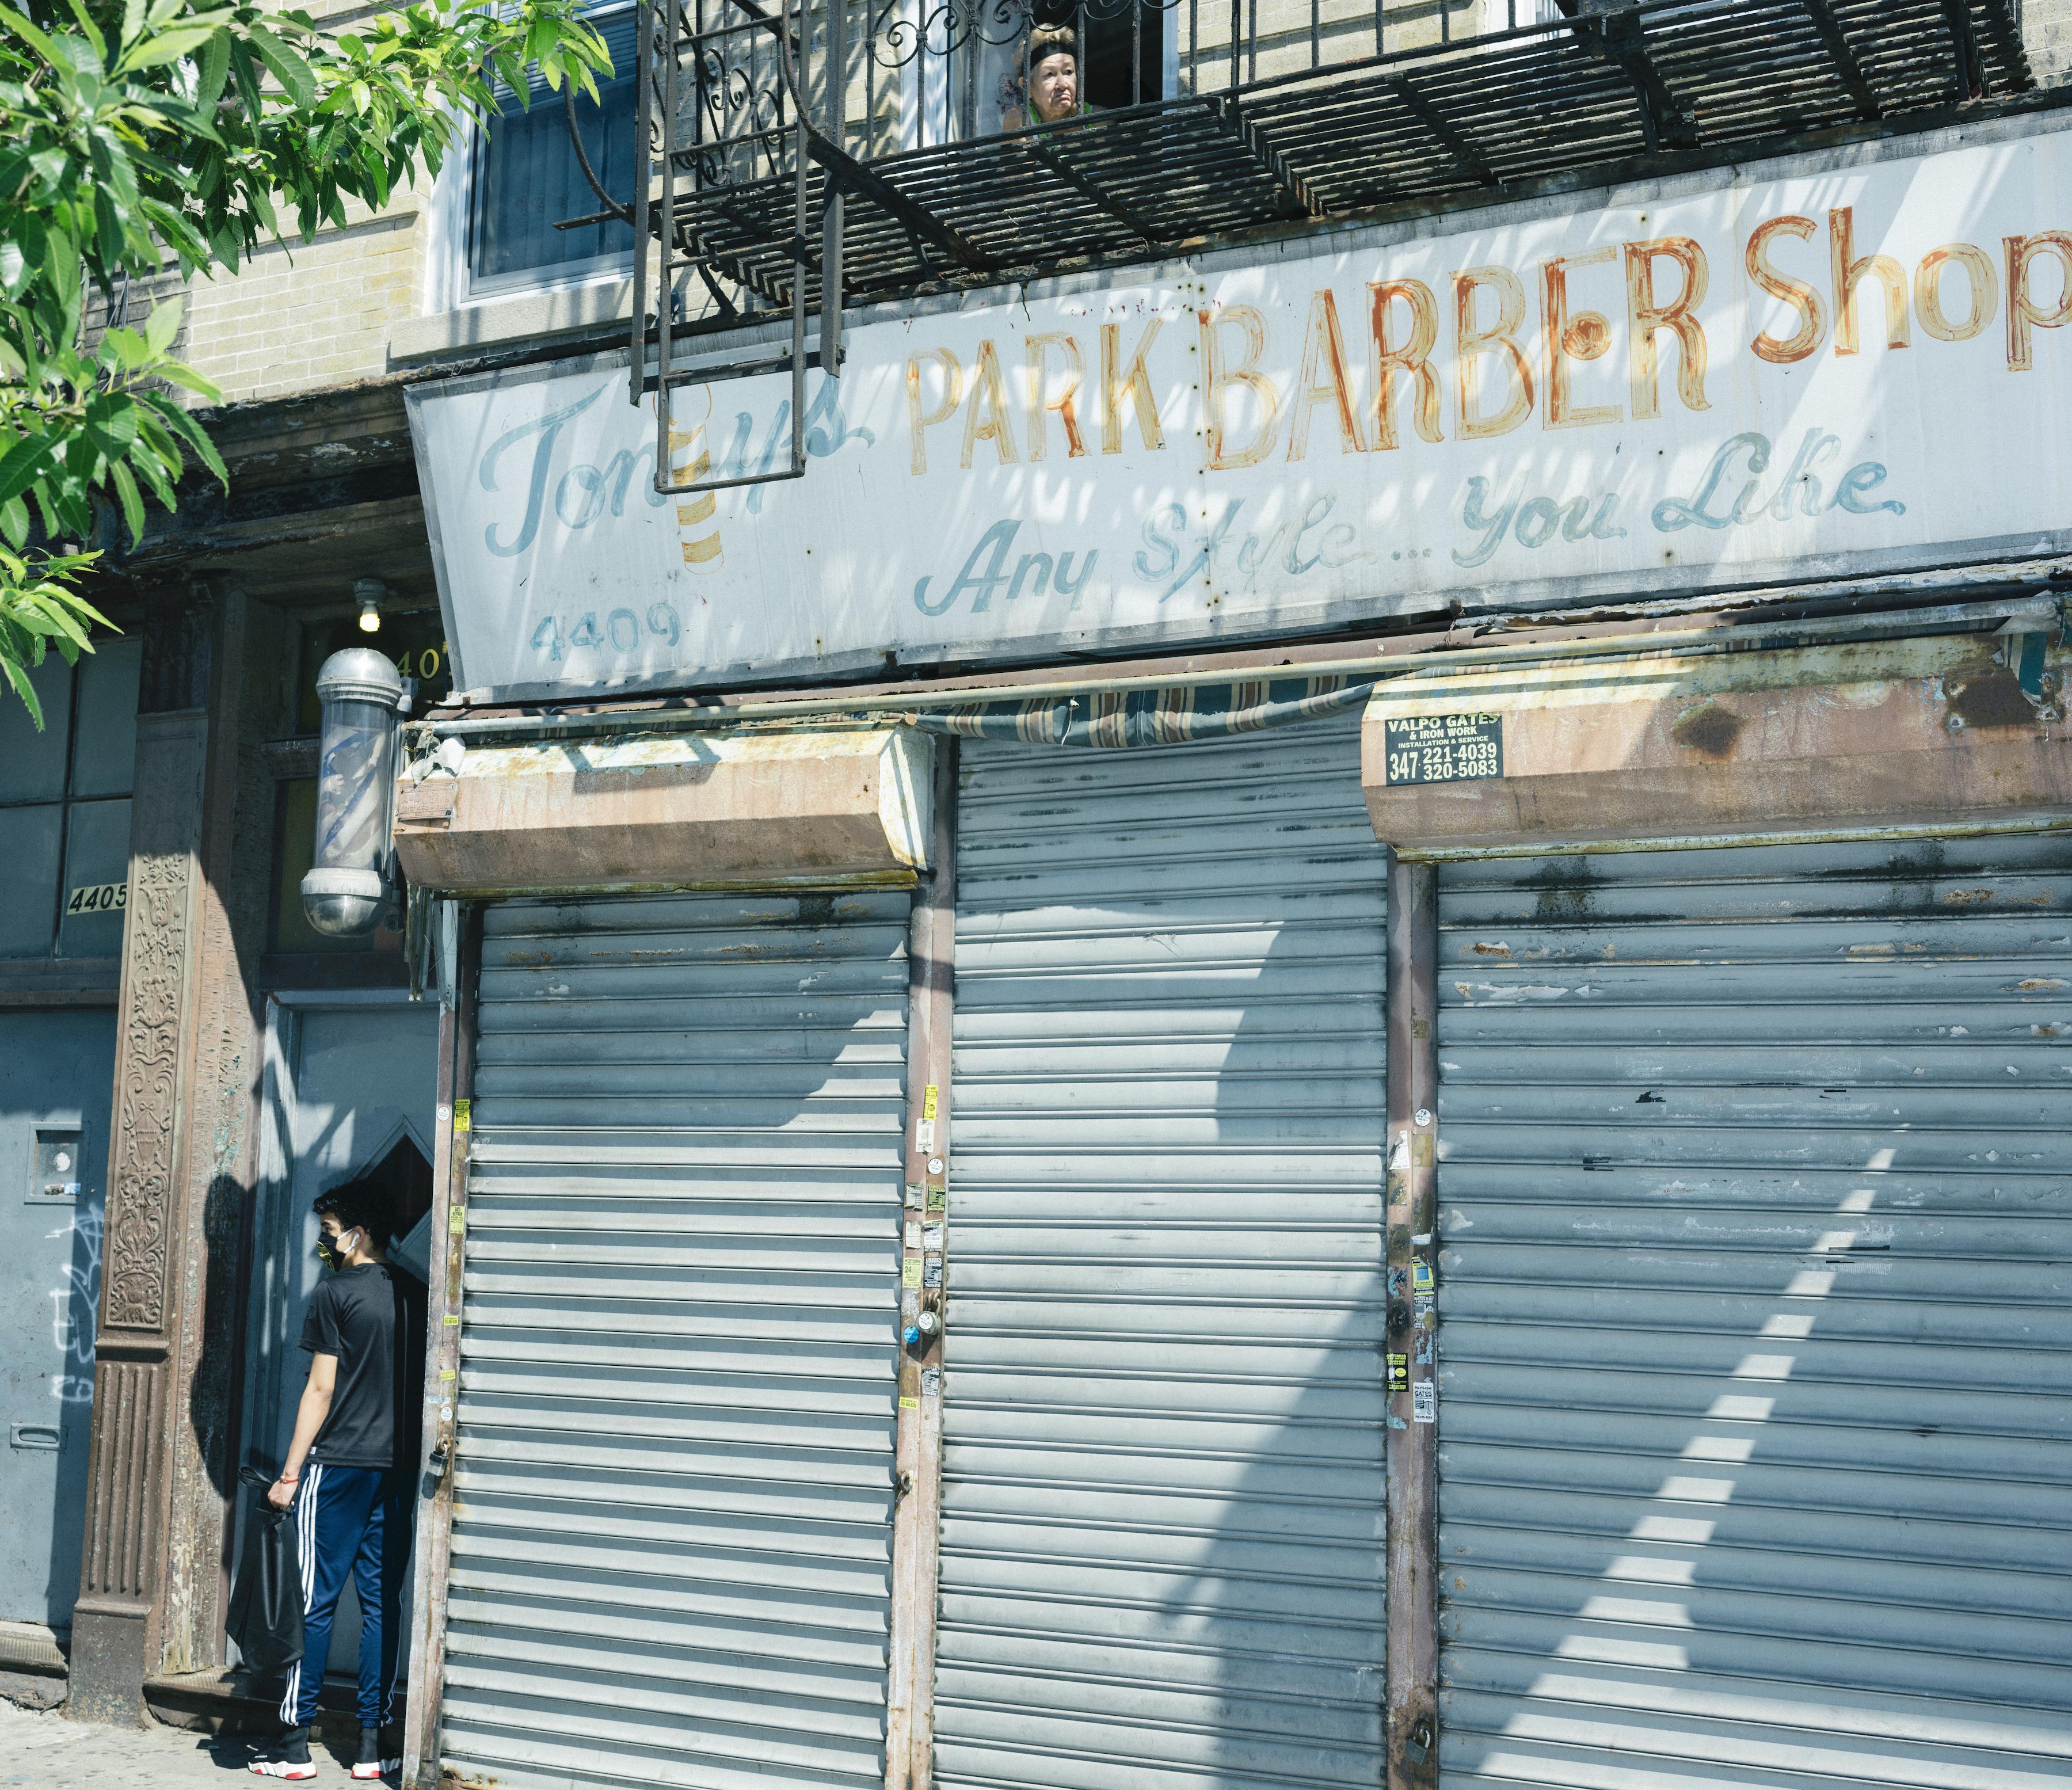 ■紐約及新州街頭到處可見關門或空置的店舖。 Ismail Ferdous/紐約時報